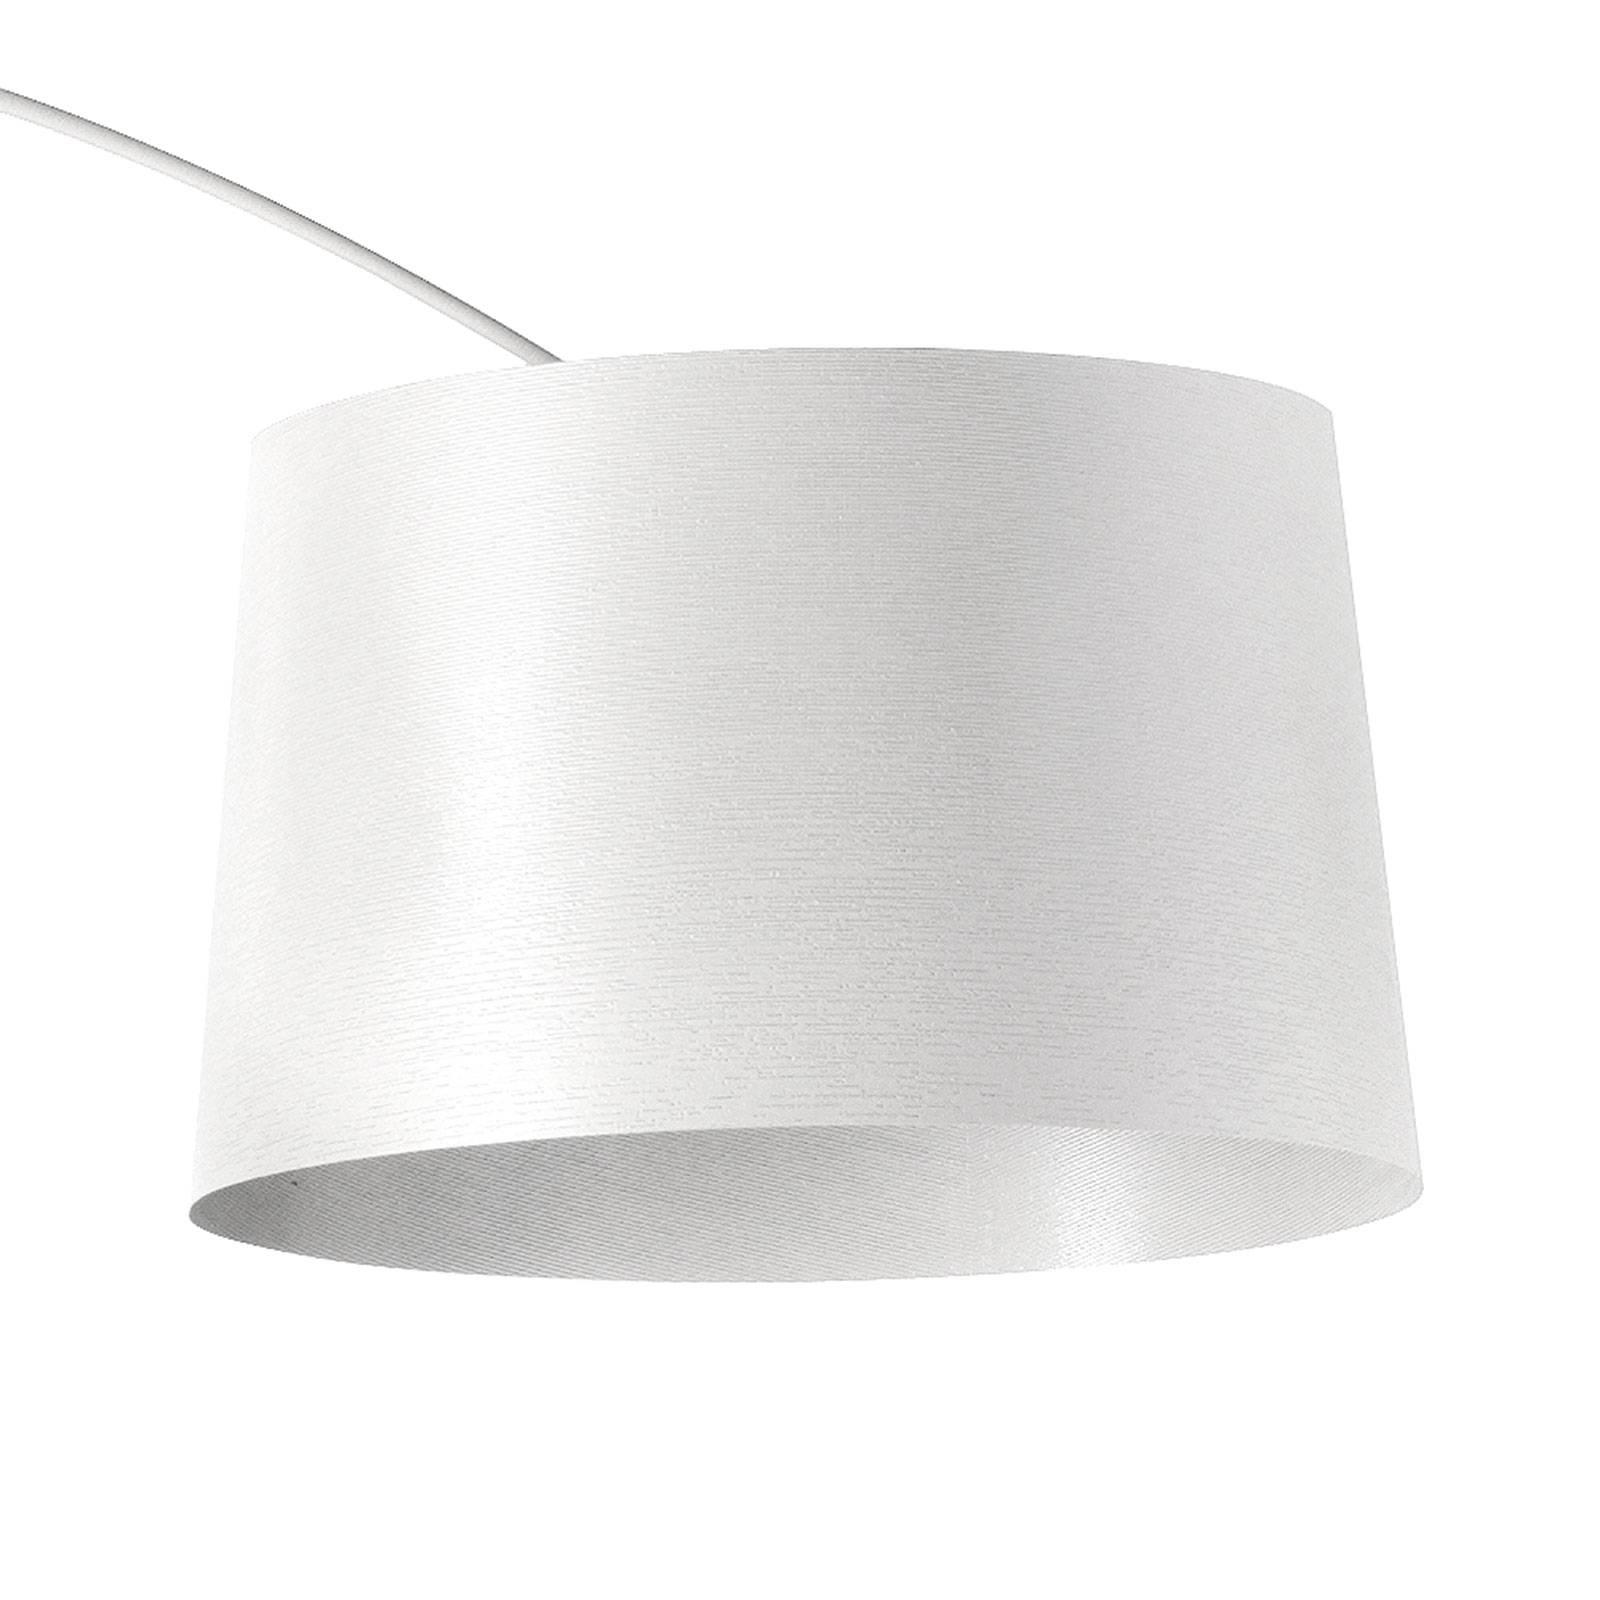 Foscarini Twiggy LED-Bogenleuchte, weiß günstig online kaufen